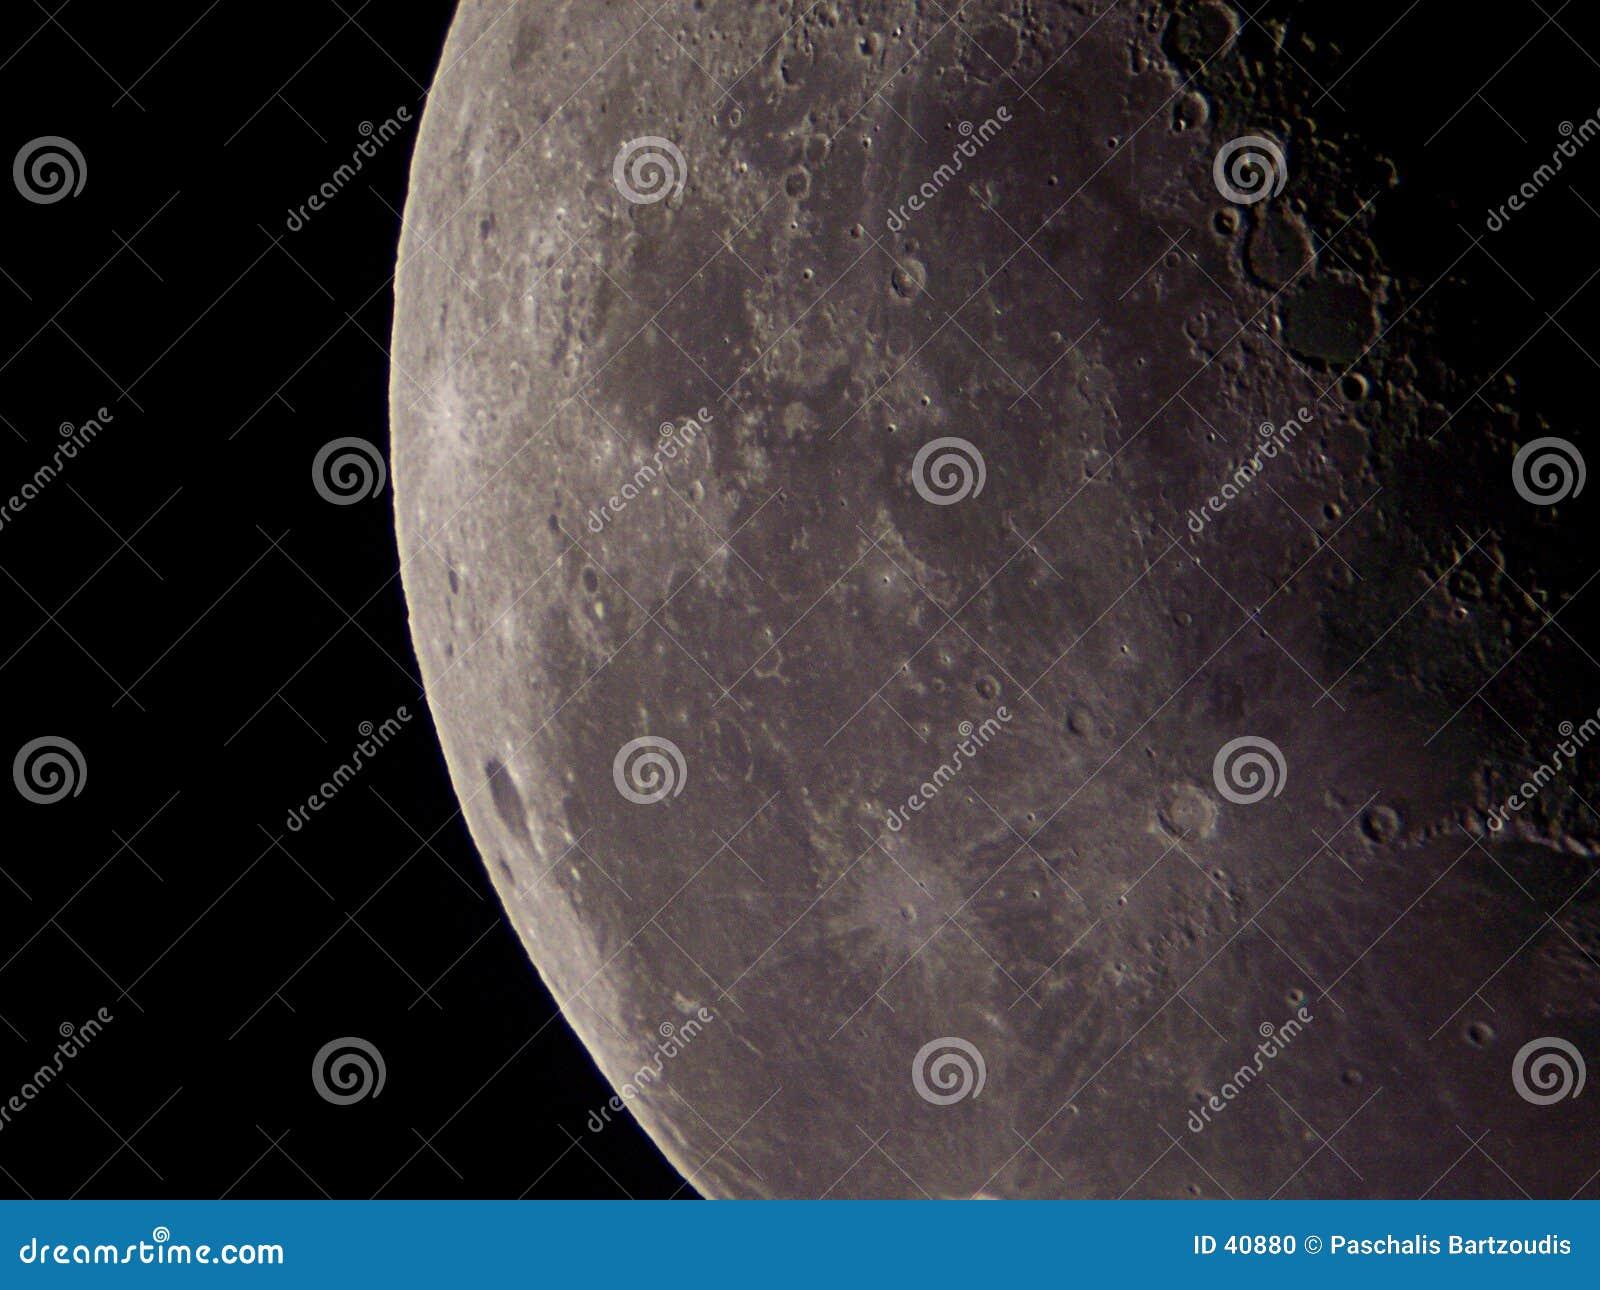 Our satellite